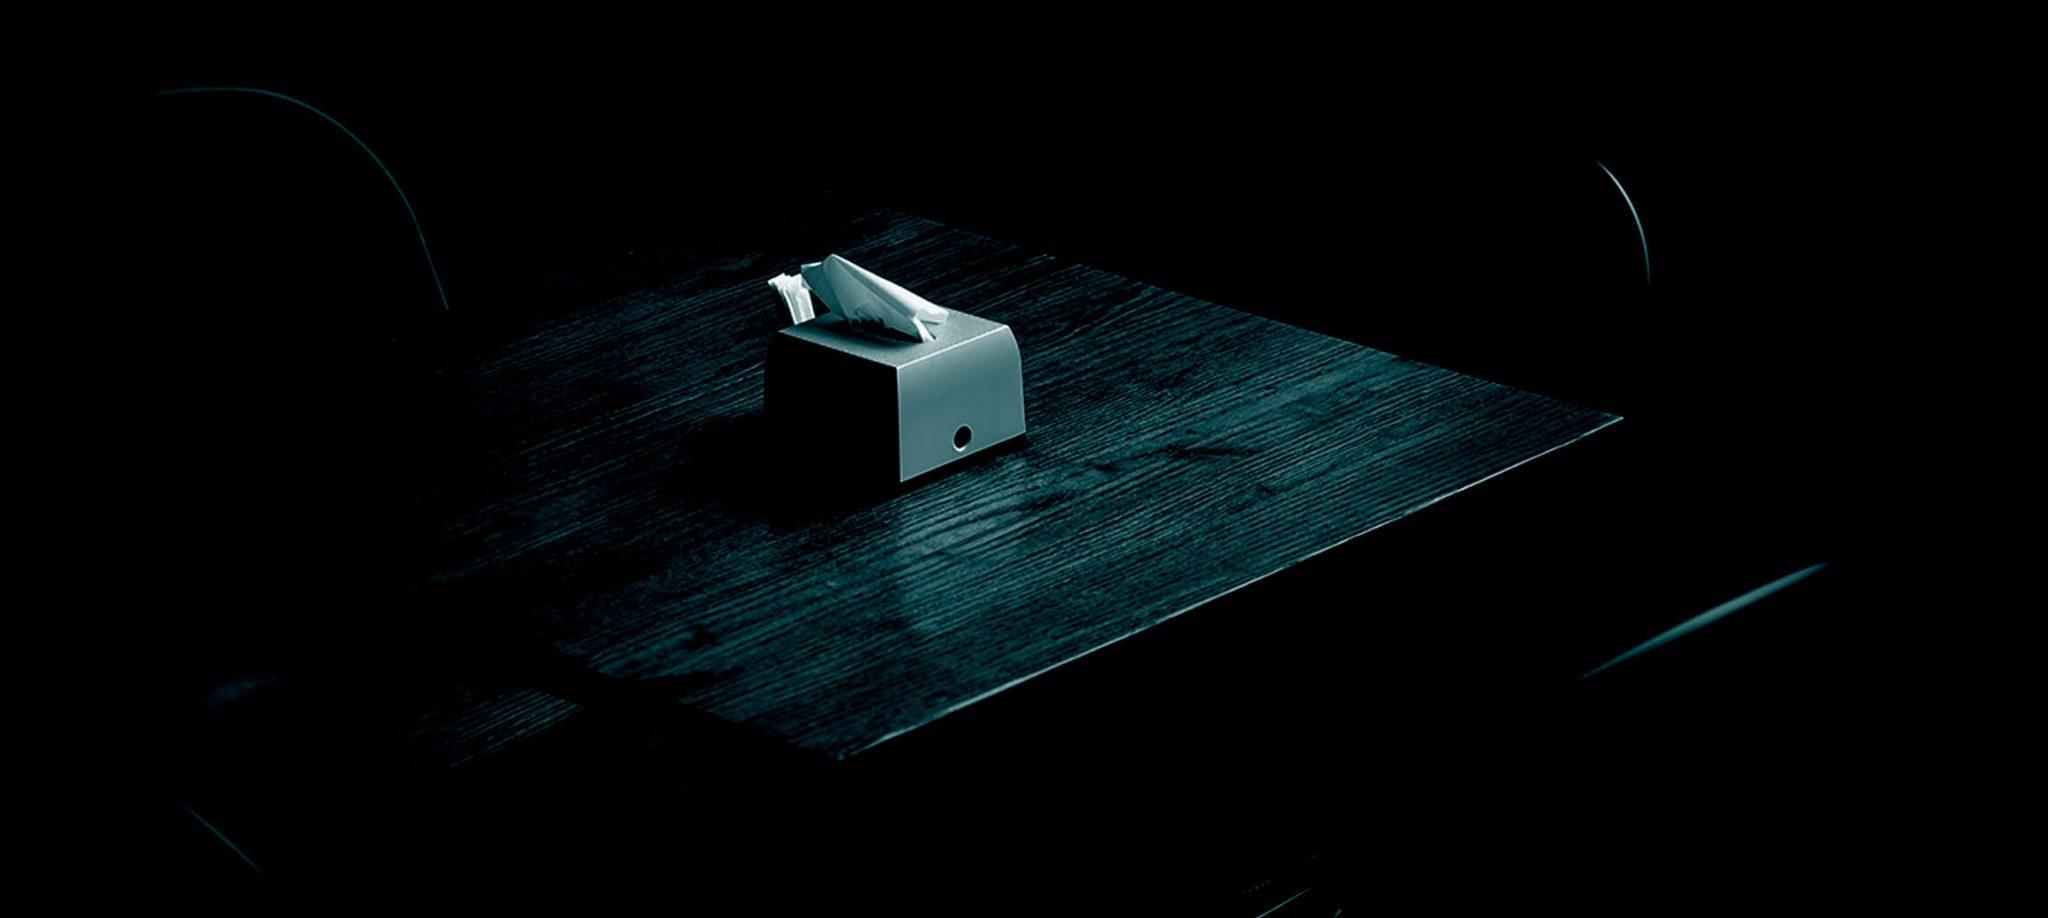 Ein Tisch im Dunkeln, darauf steht eine Box Taschentücher.